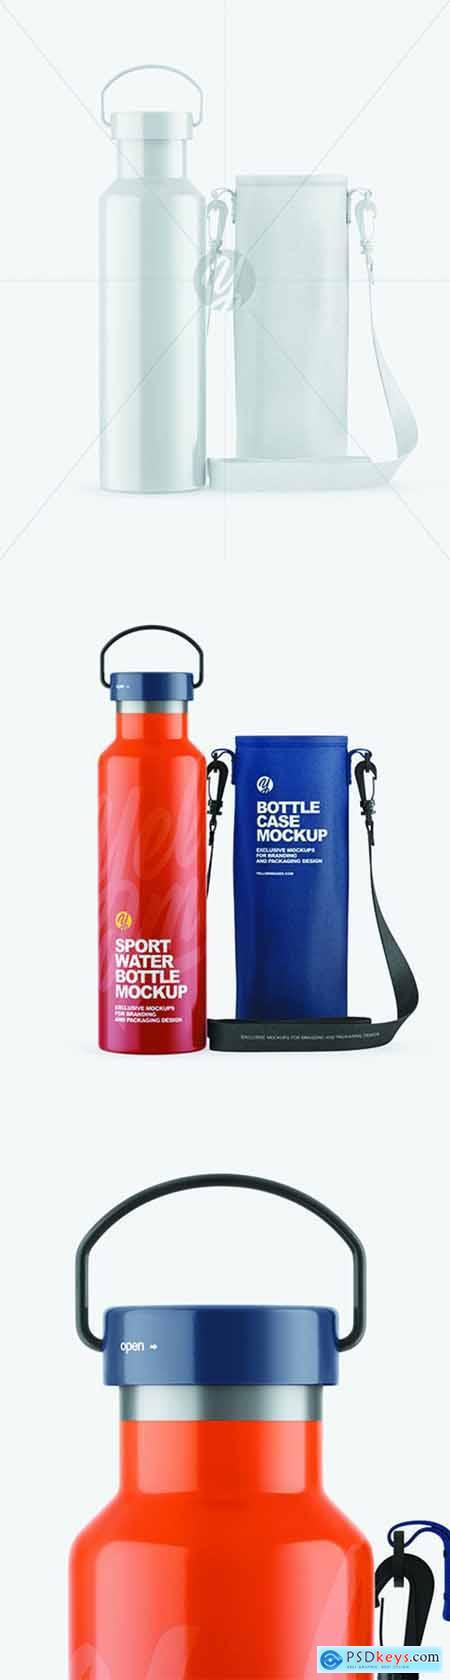 Glossy Water Bottle W- Case Mockup 68888